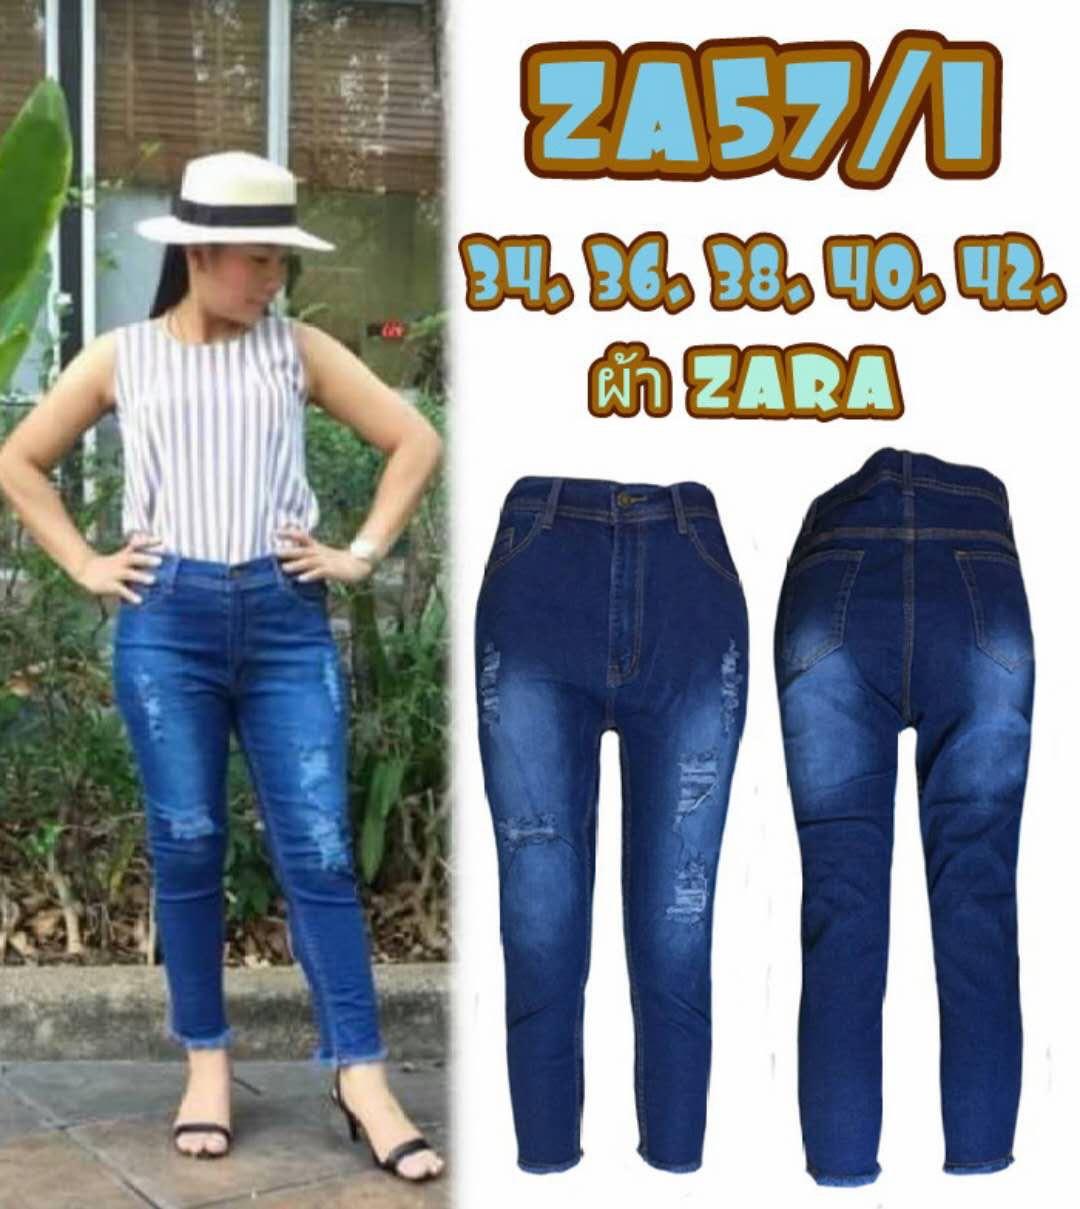 กางเกงยีนส์ไซส์ใหญ่ 8 ส่วนไซส์ใหญ่ ซิบ สีเมจิกฟอกขาว ปลายขาลุ่ย ขาดหน้าเก๋ๆ ผ้า zara มี SIZE 34 36 38 40 42